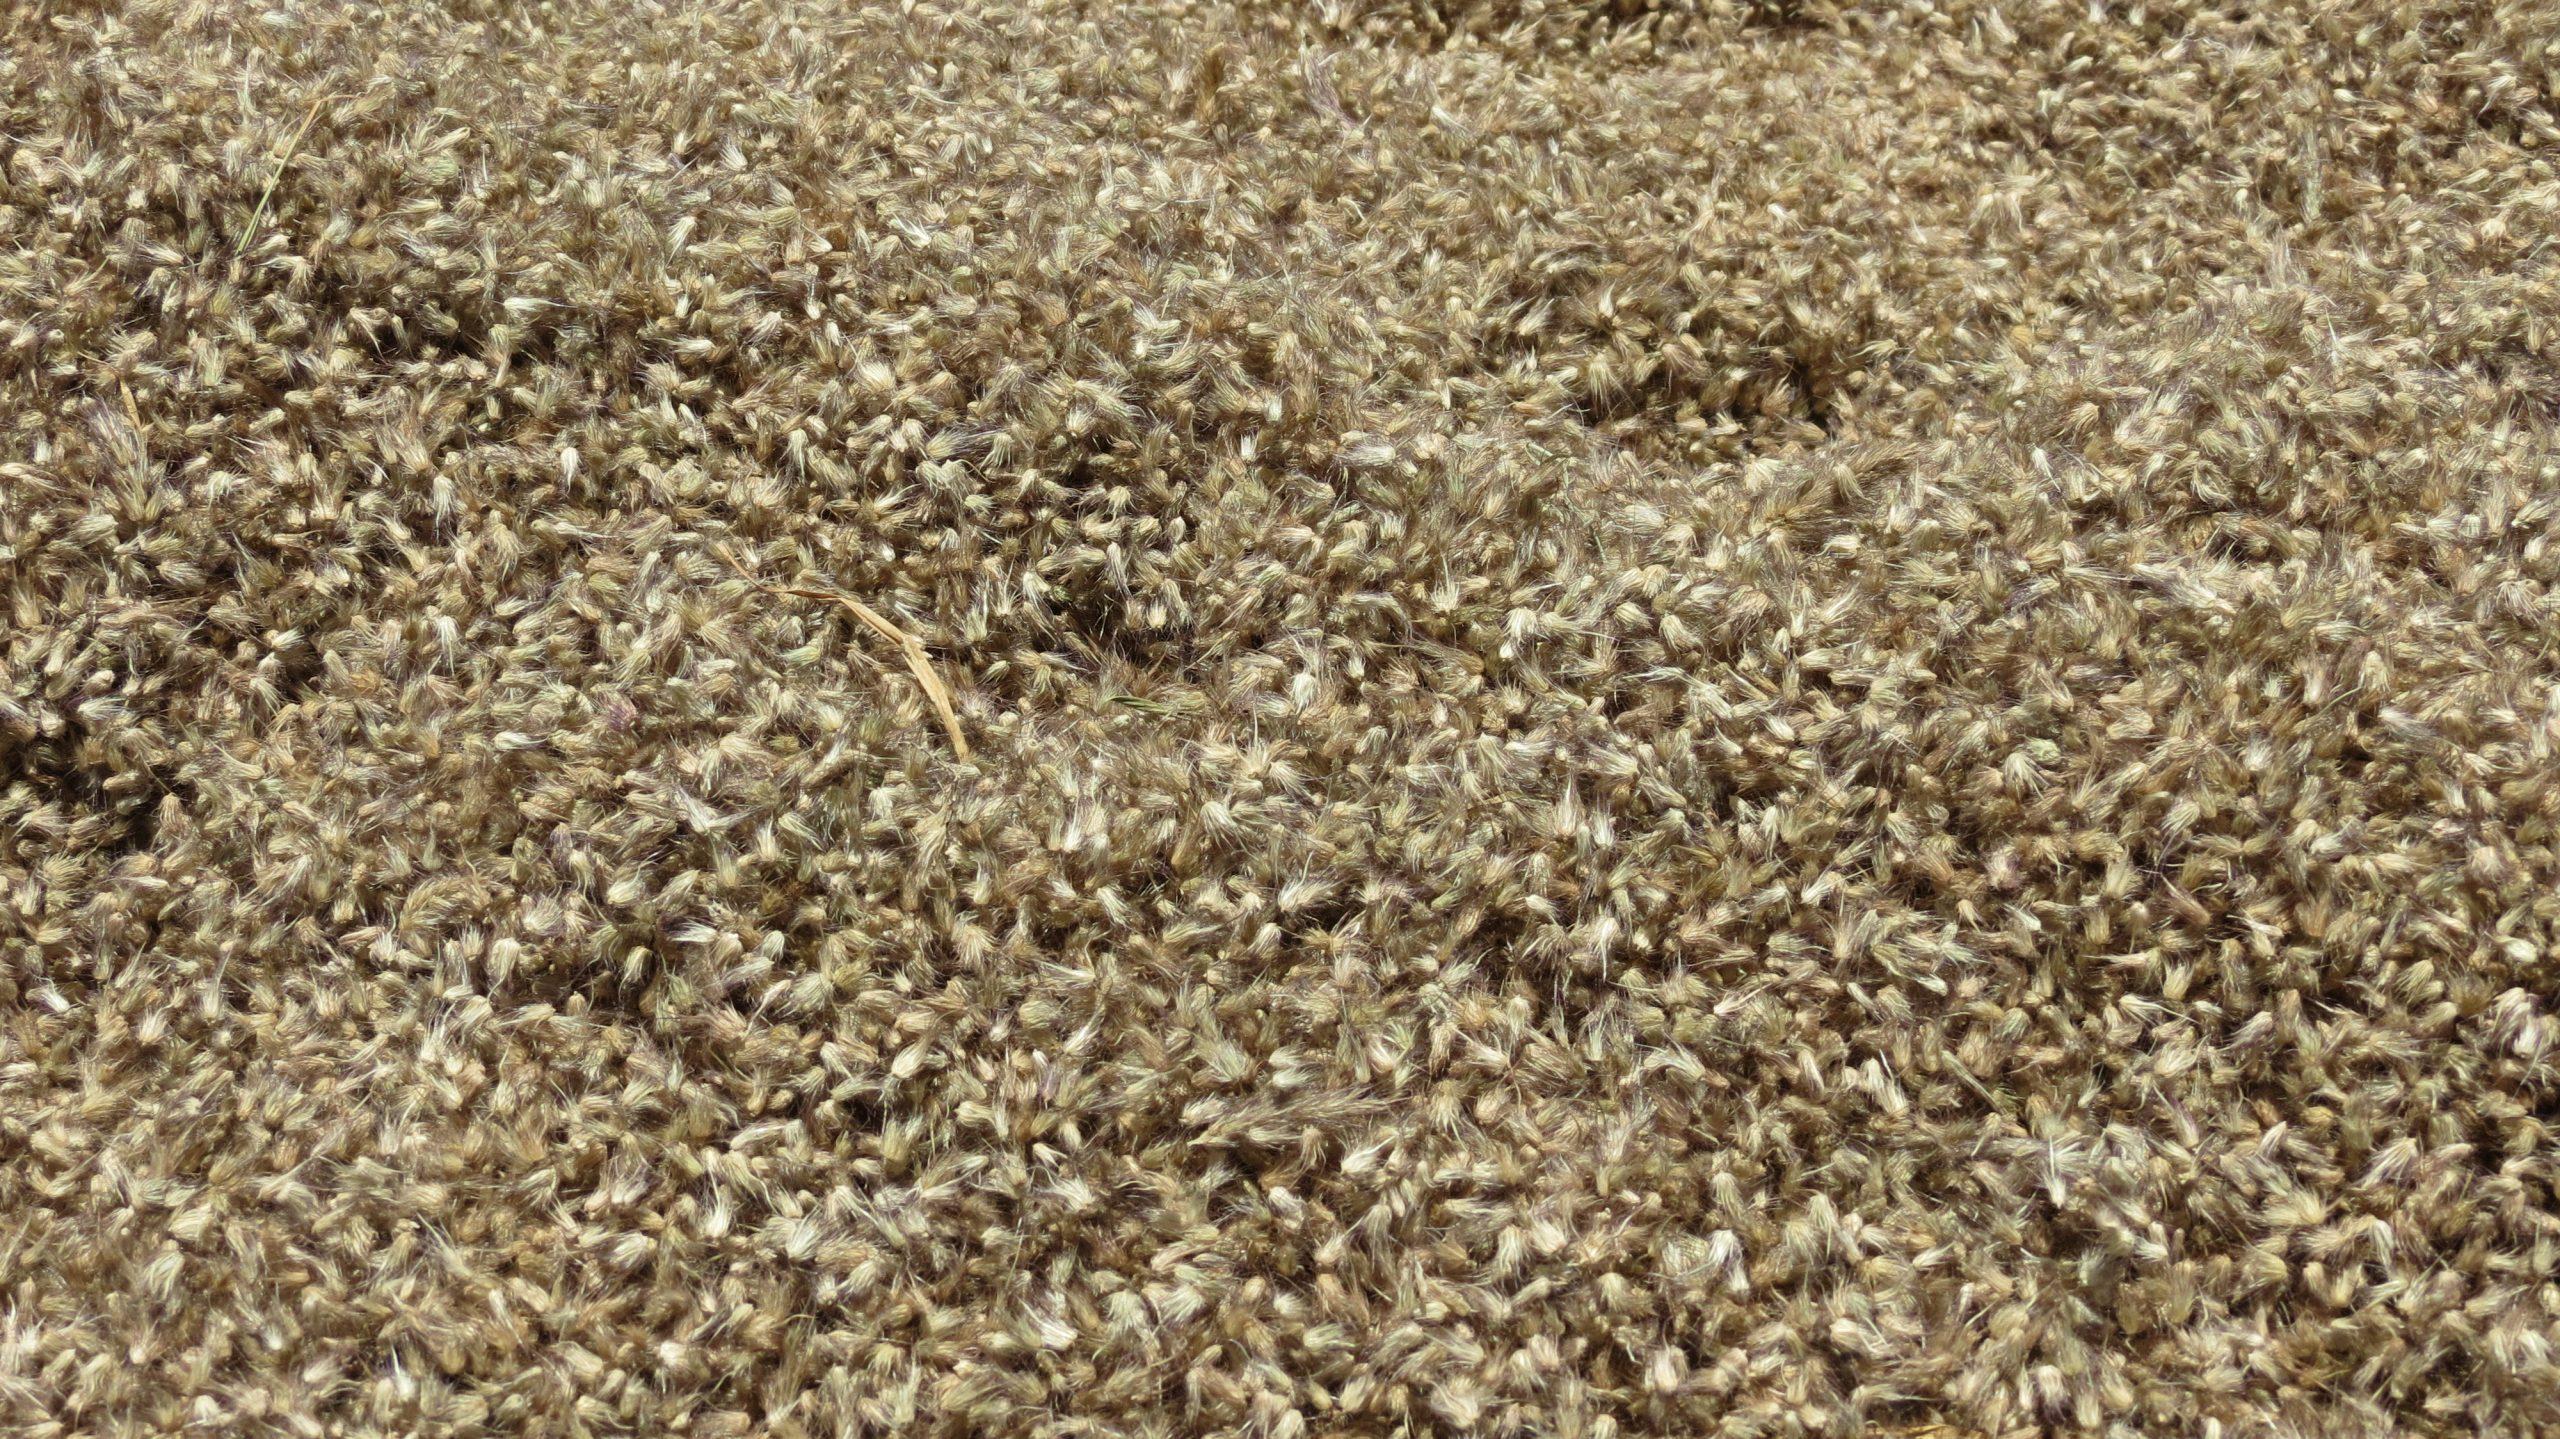 pasture seed